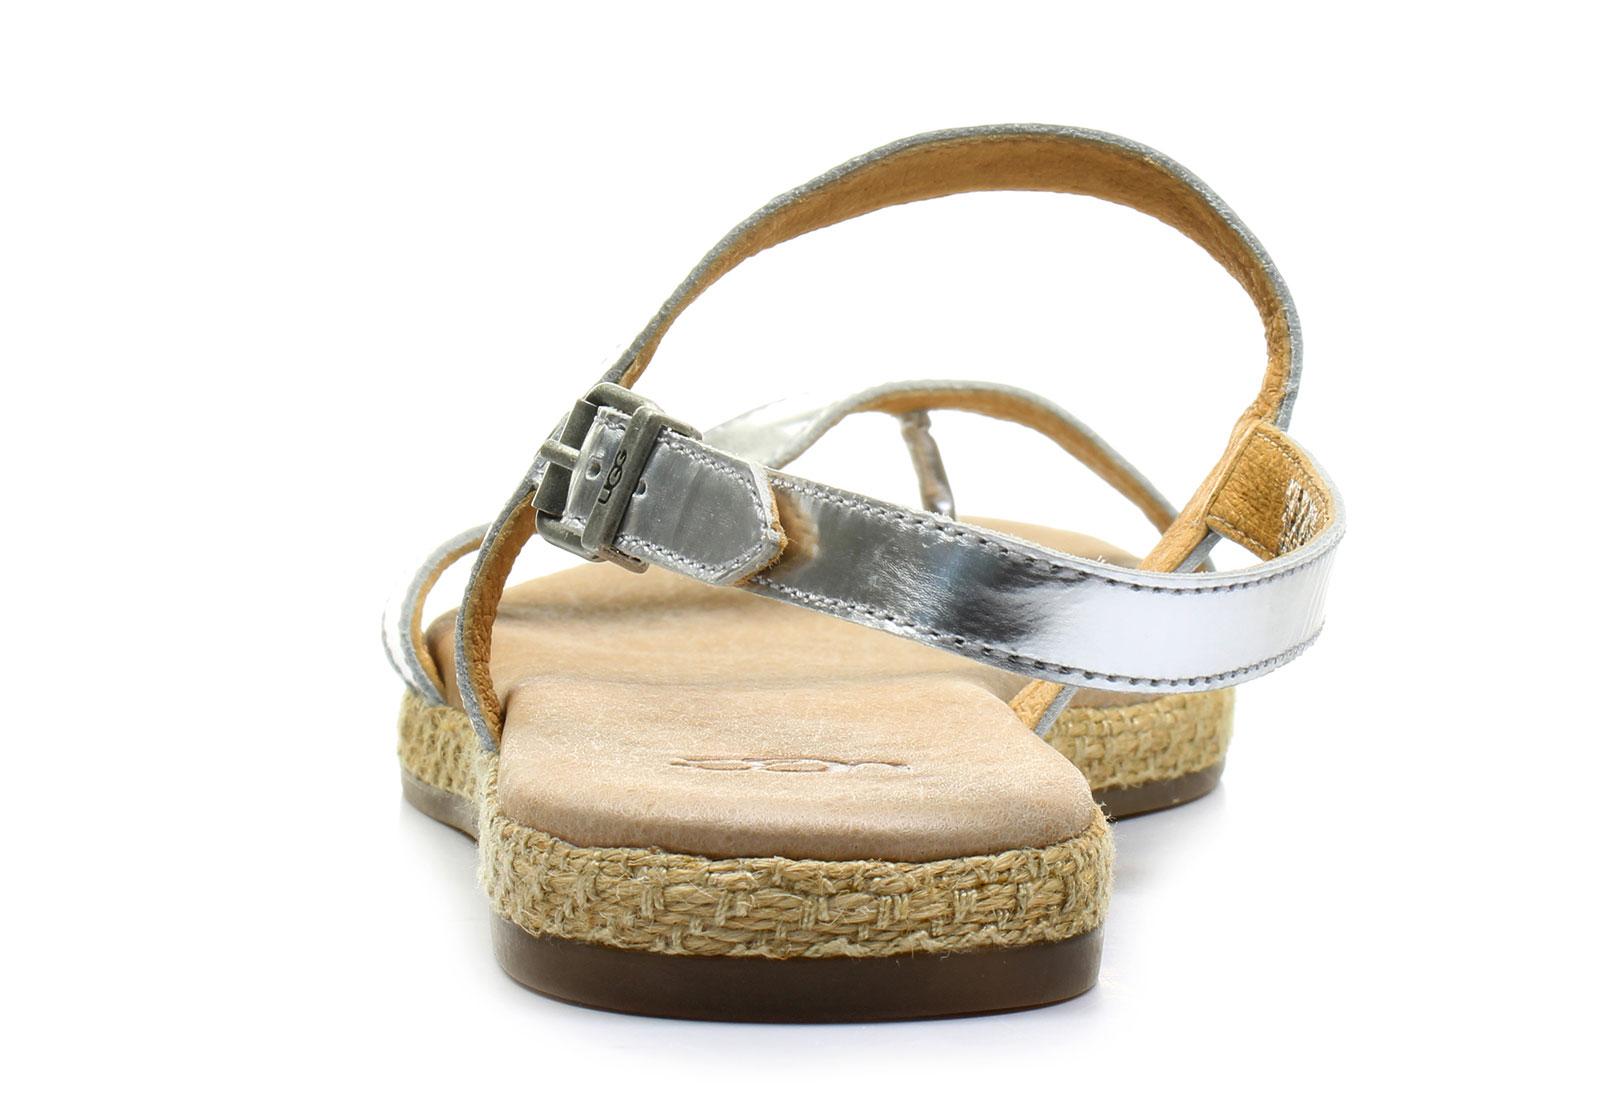 Ugg Sandals Brylee 1011219 Str Online Shop For